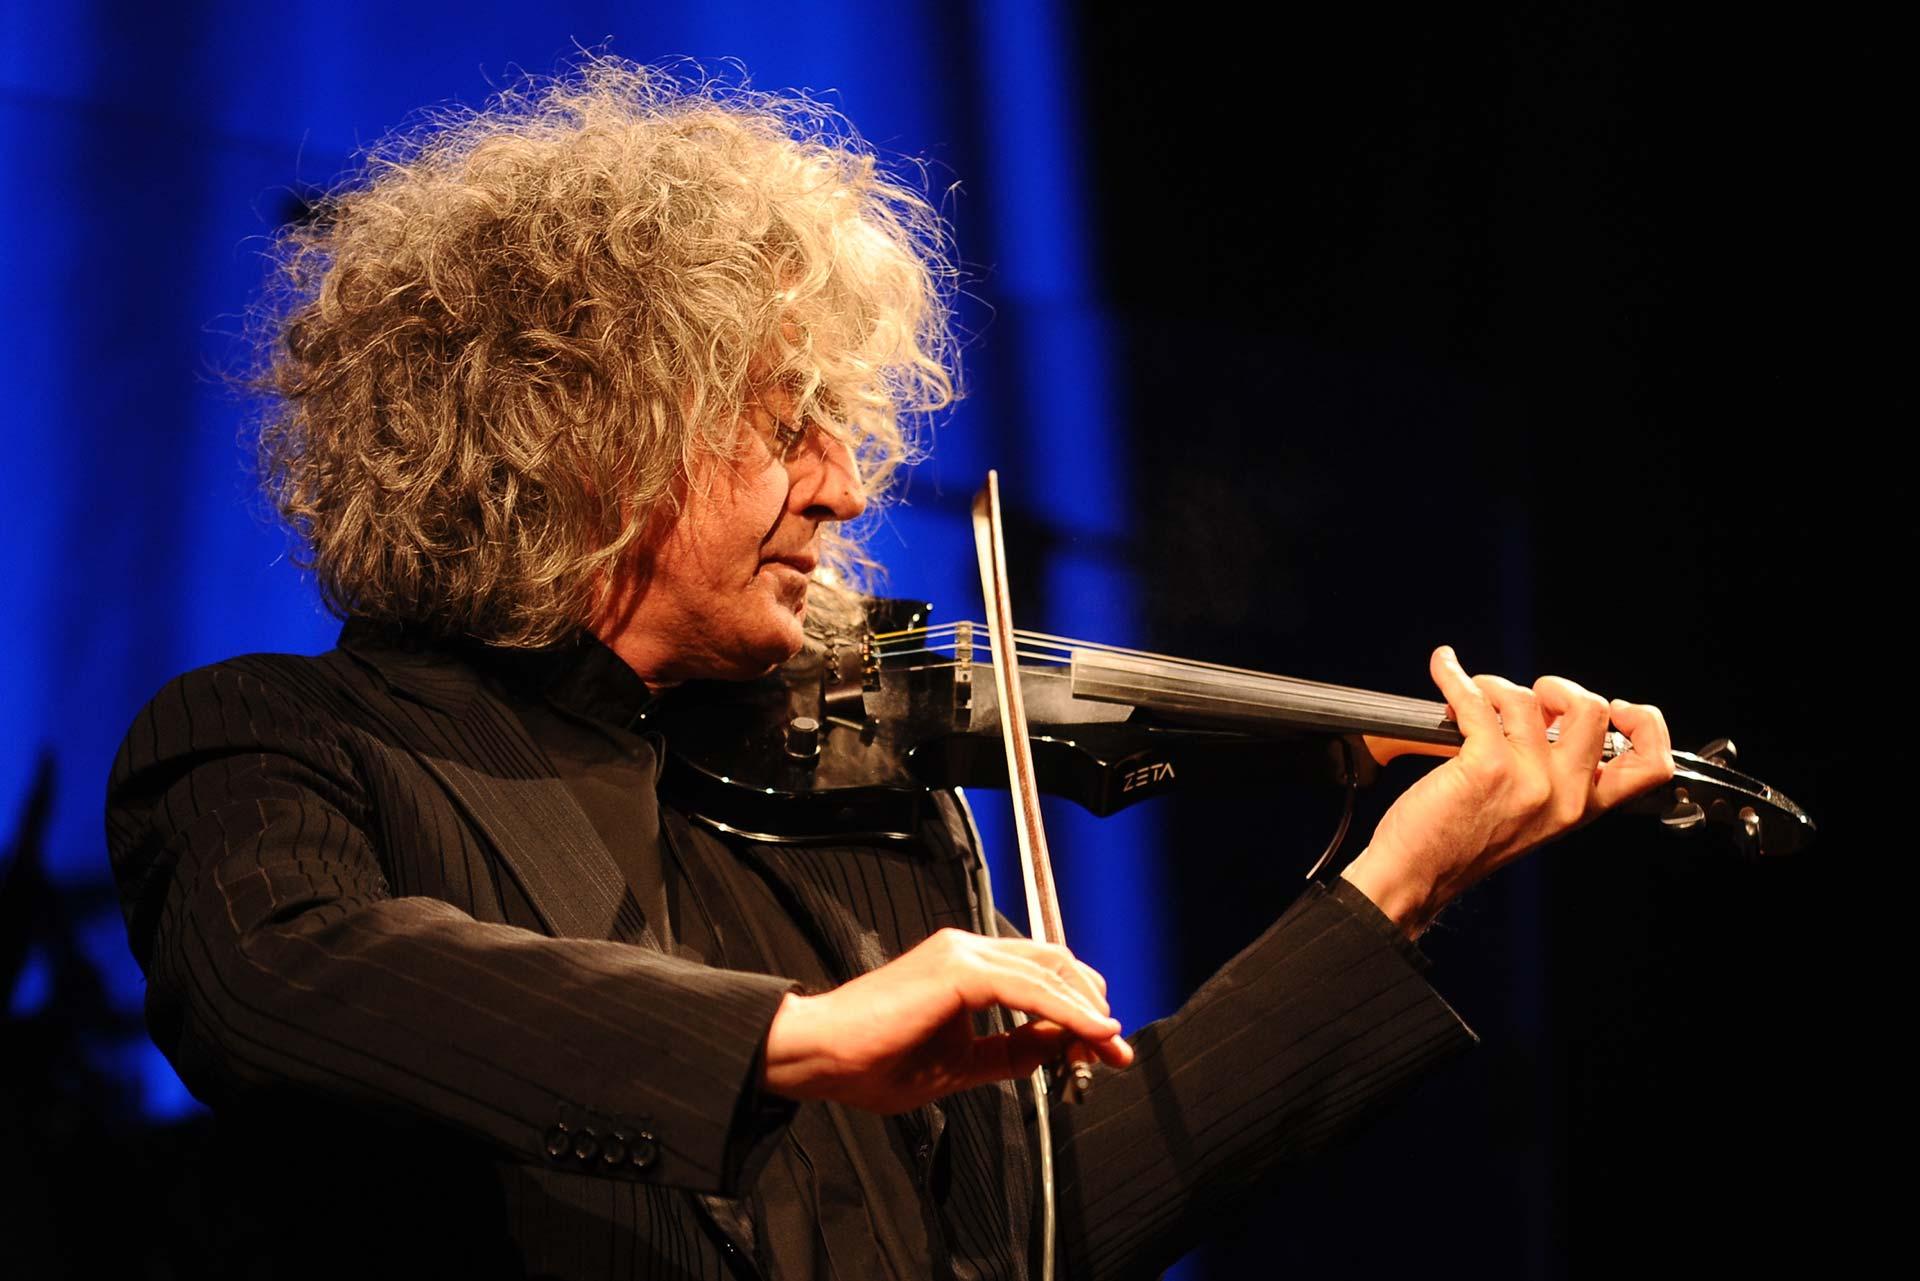 Branduardi in concerto al teatro Verdi